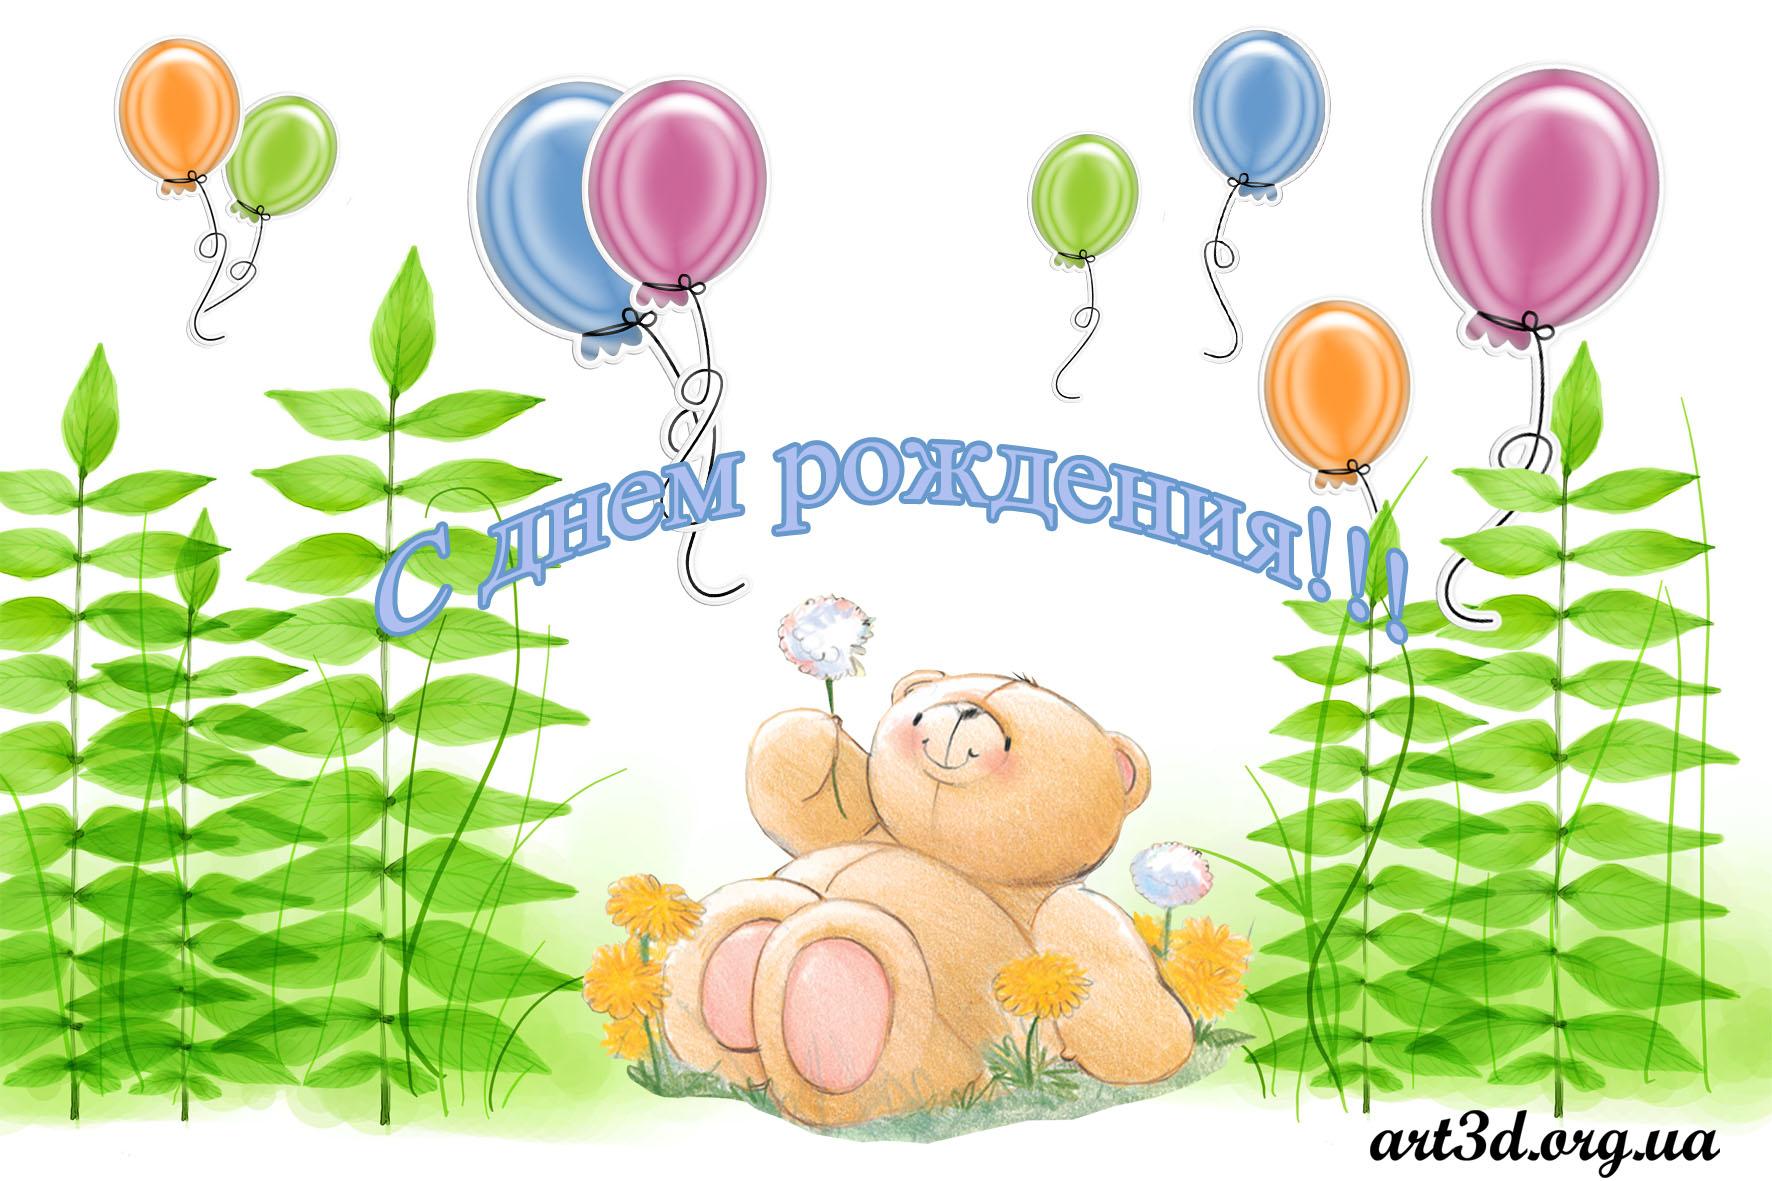 Картинка с днем рождения мишутка